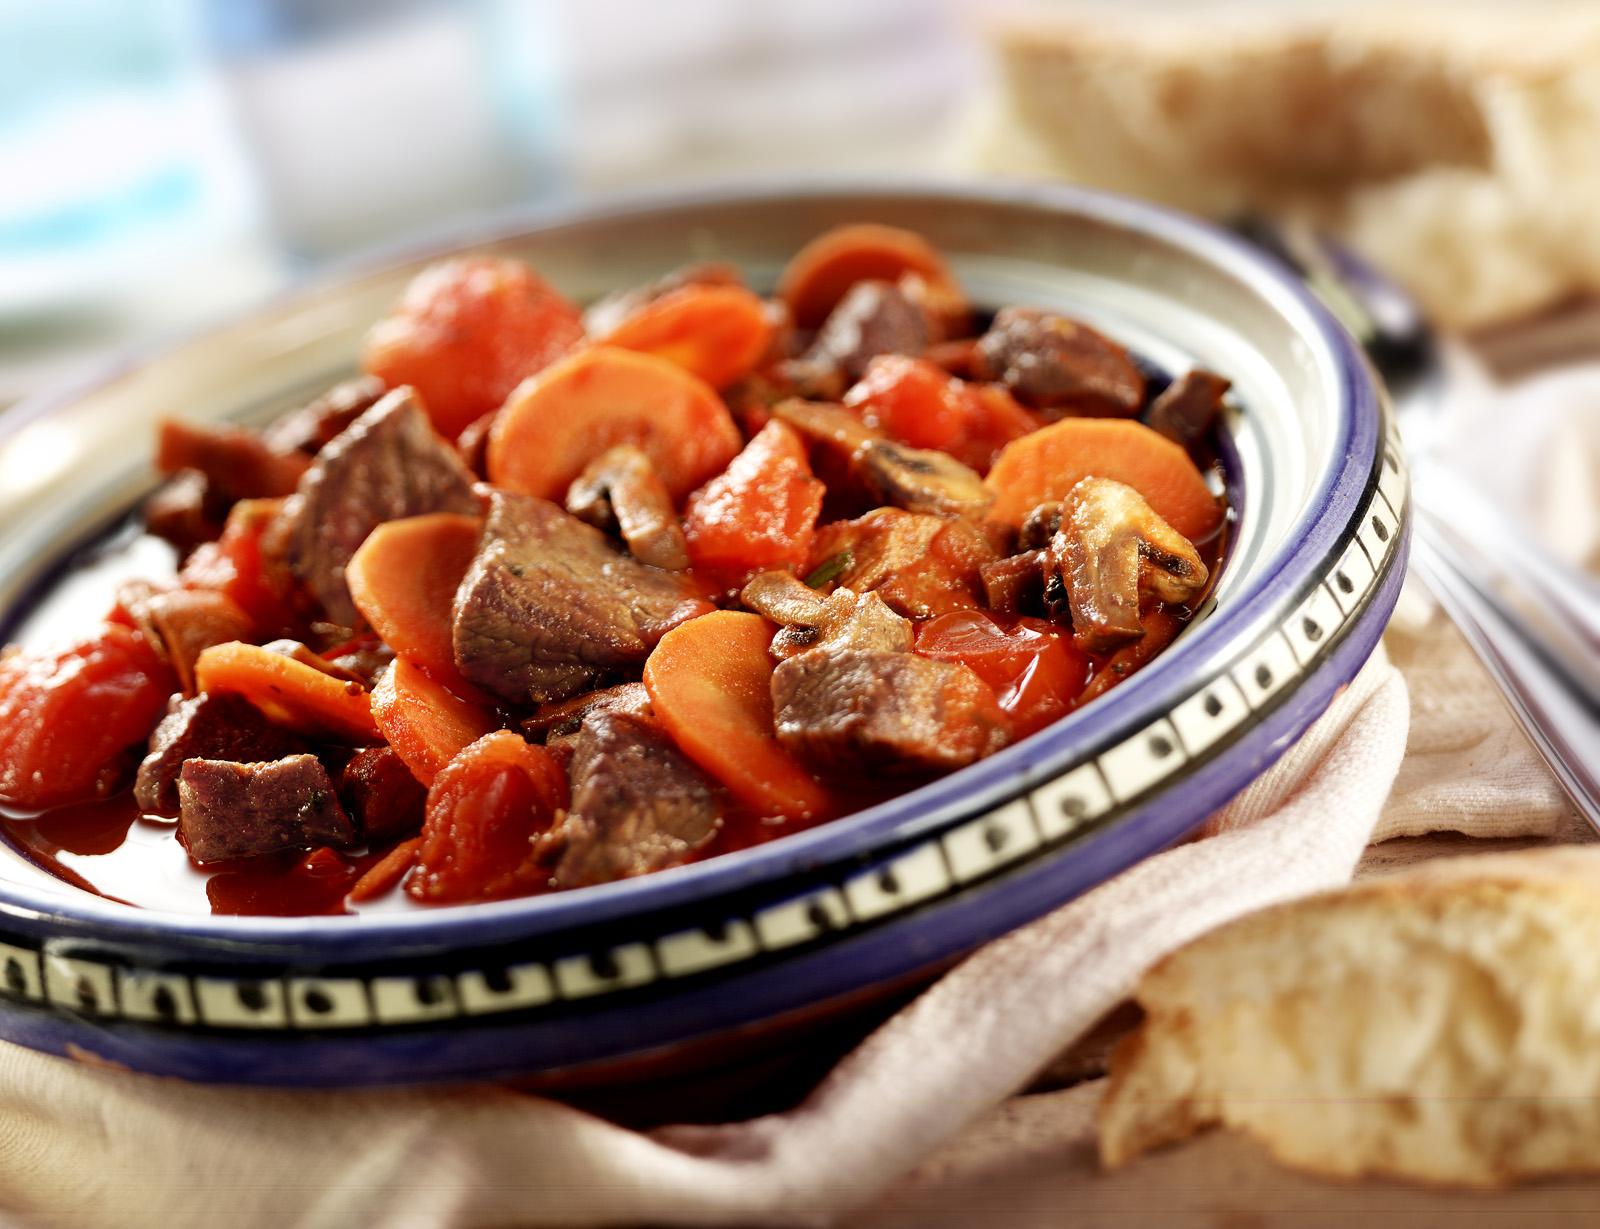 Rundvleesstoofpotje met tomaat, wortel en rode wijn